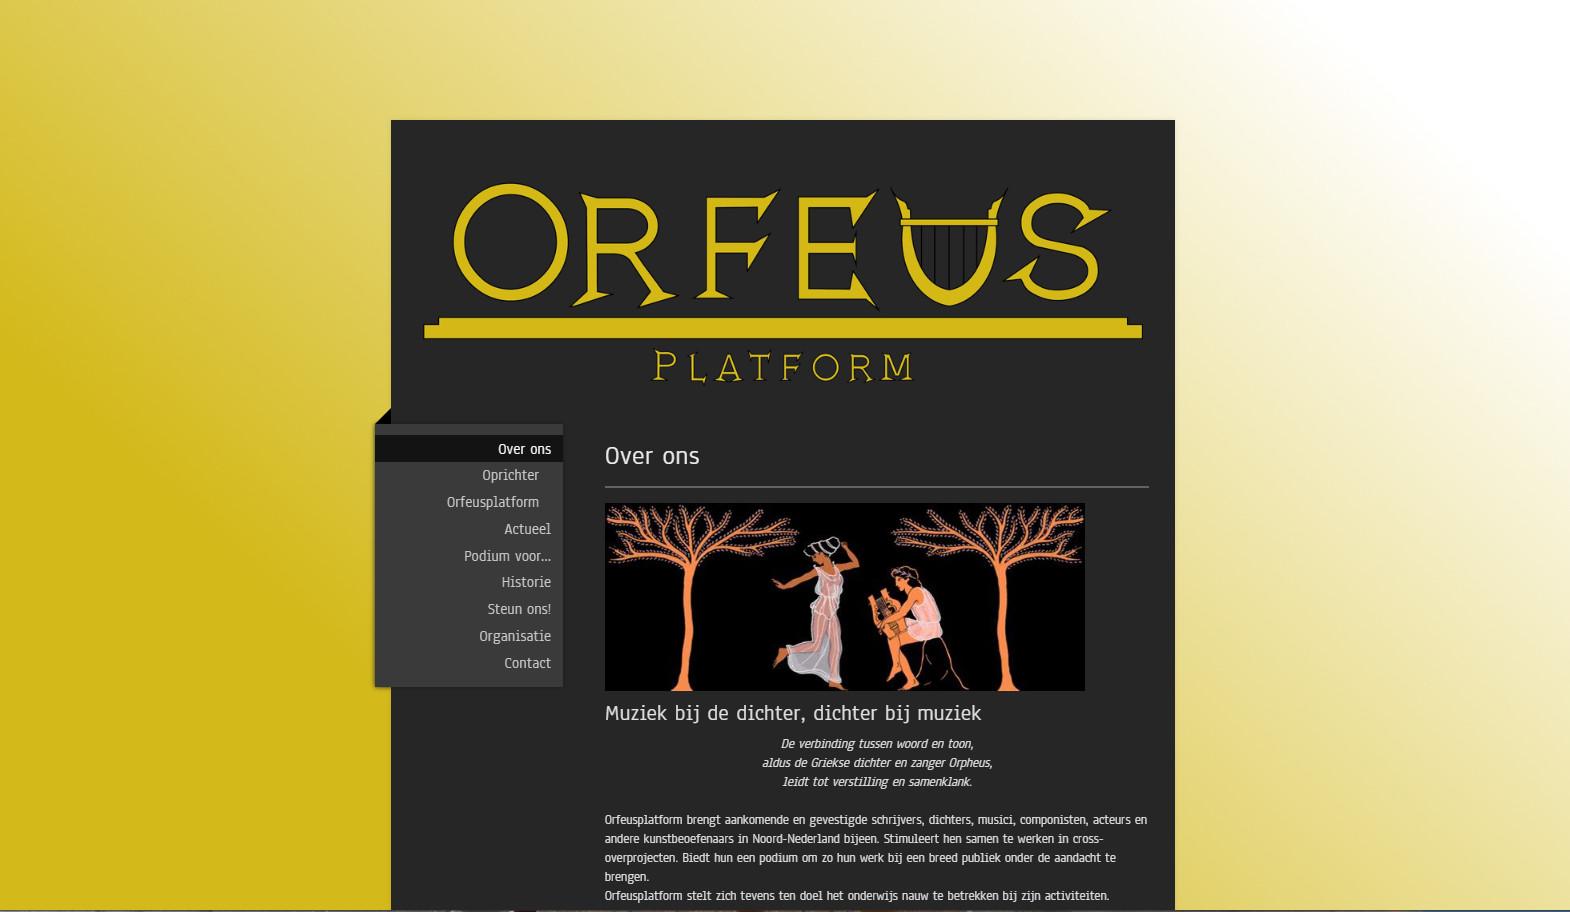 Orfeusplatform